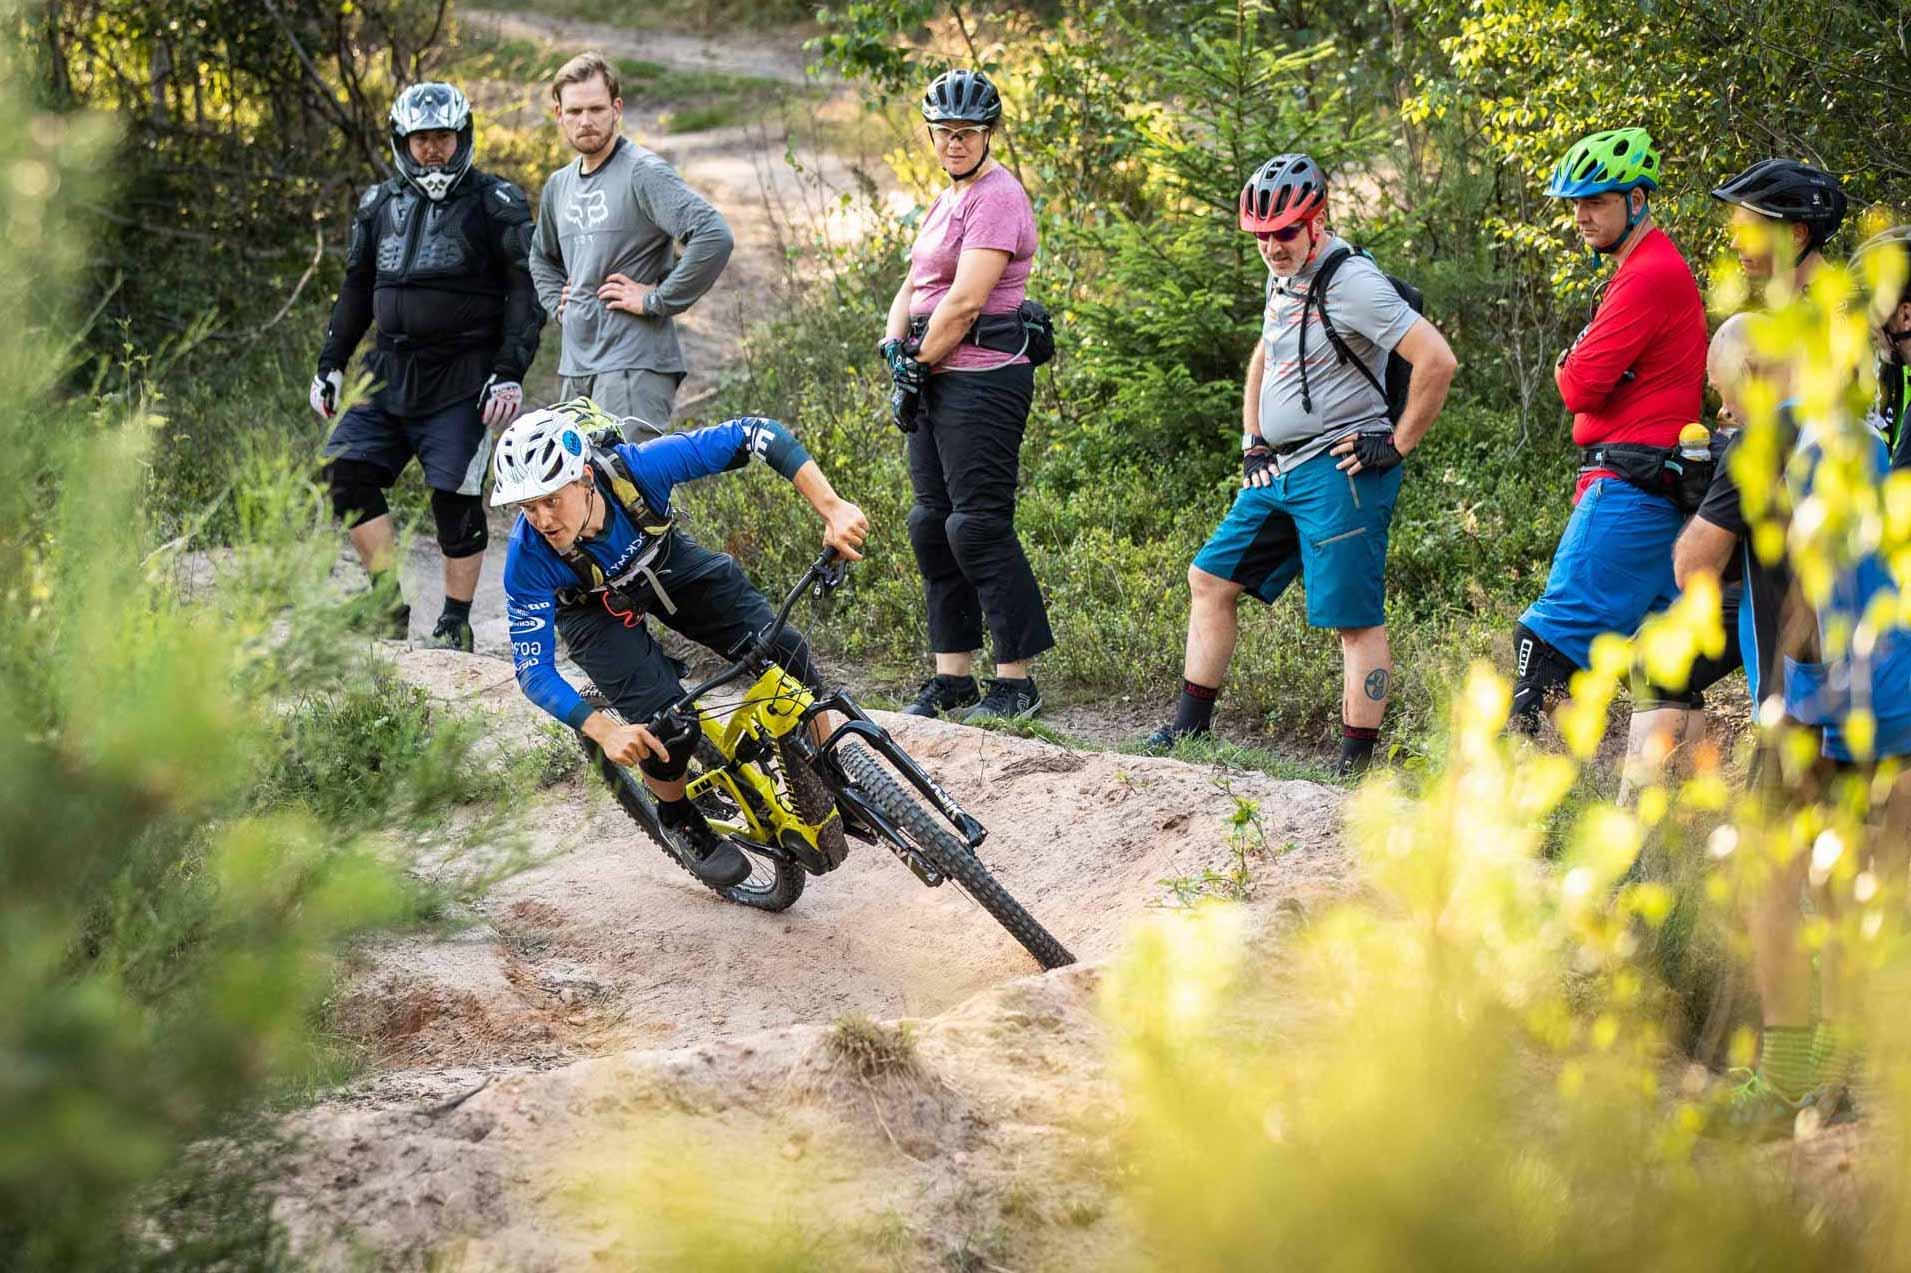 eMTB Fortgeschritten Fahrtechnik Kurs Witten |Ruhrgebiet - Mountainbike Training - Rock my Trail GmbH